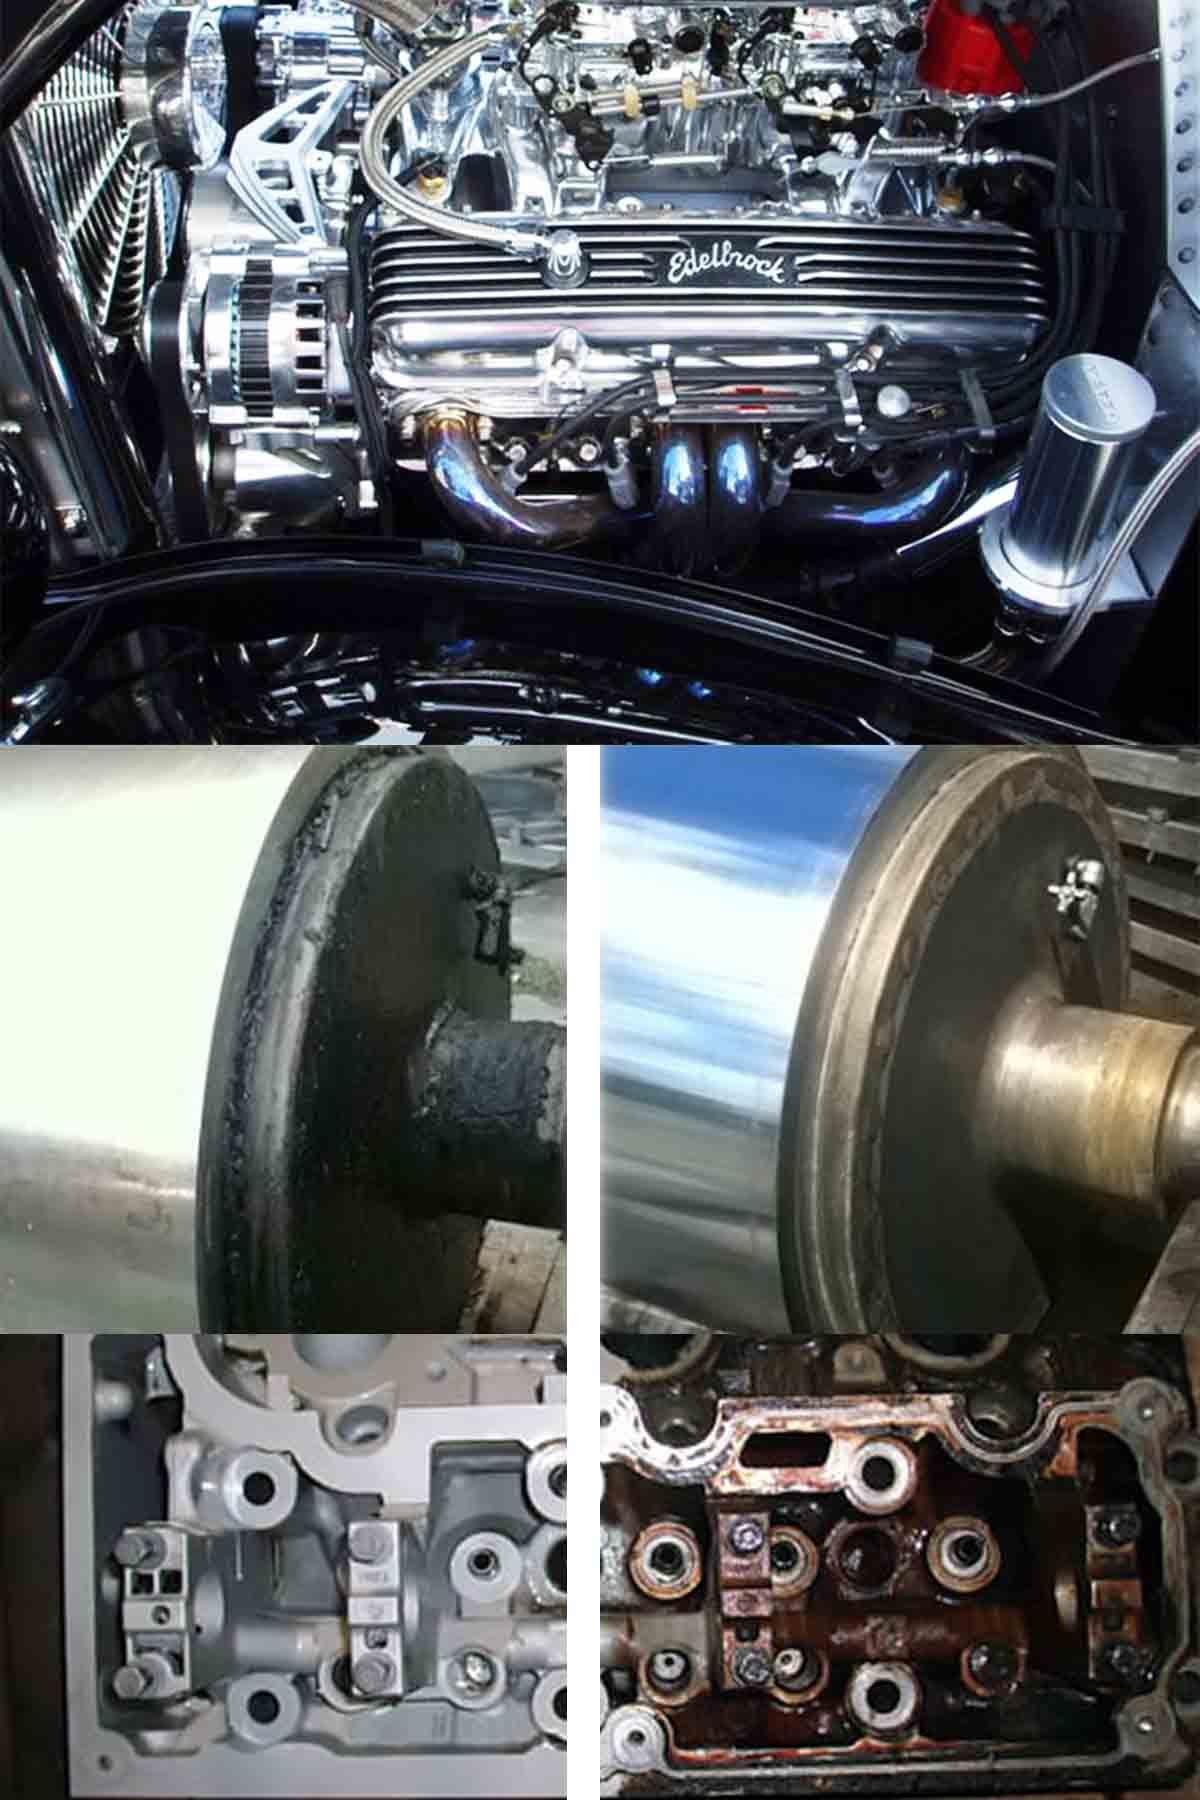 SMX Seramik Cila / Hızlı Cila / Pratik Cila / Susuz Motor Temizleme Spreyi / Ağır Yağ Sökücü